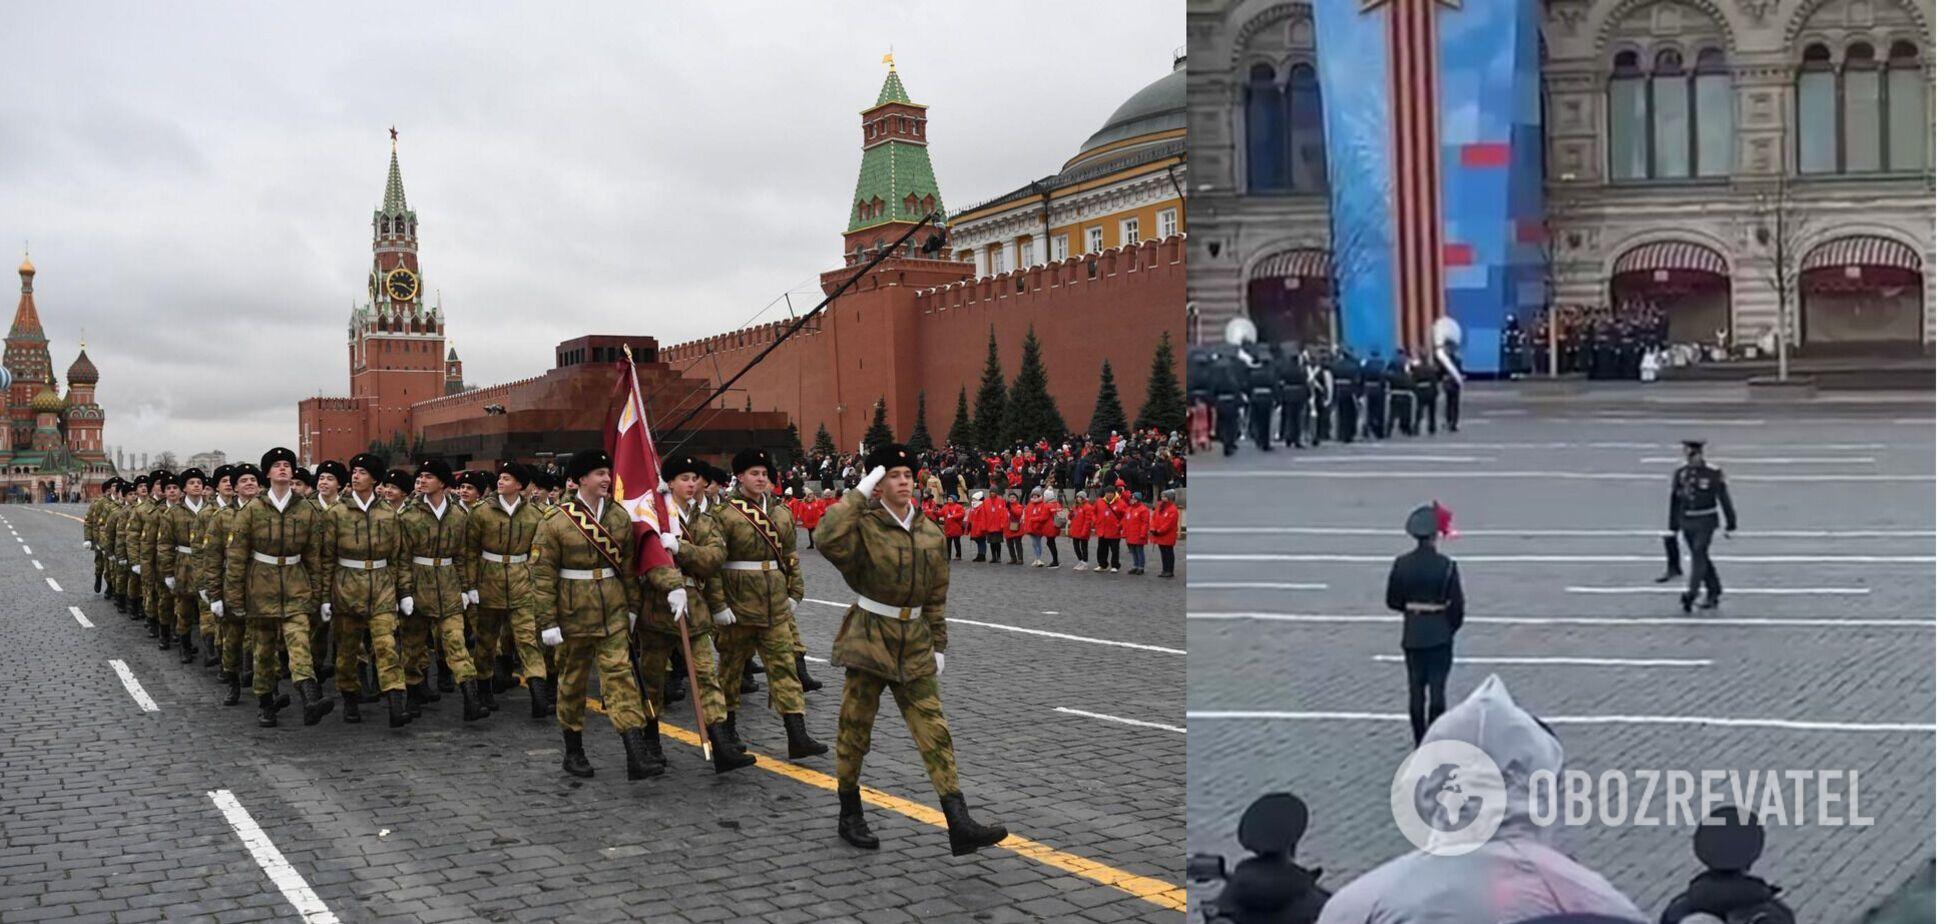 У Росії військовий загубив чобіт під час параду на Красній площі. Відео